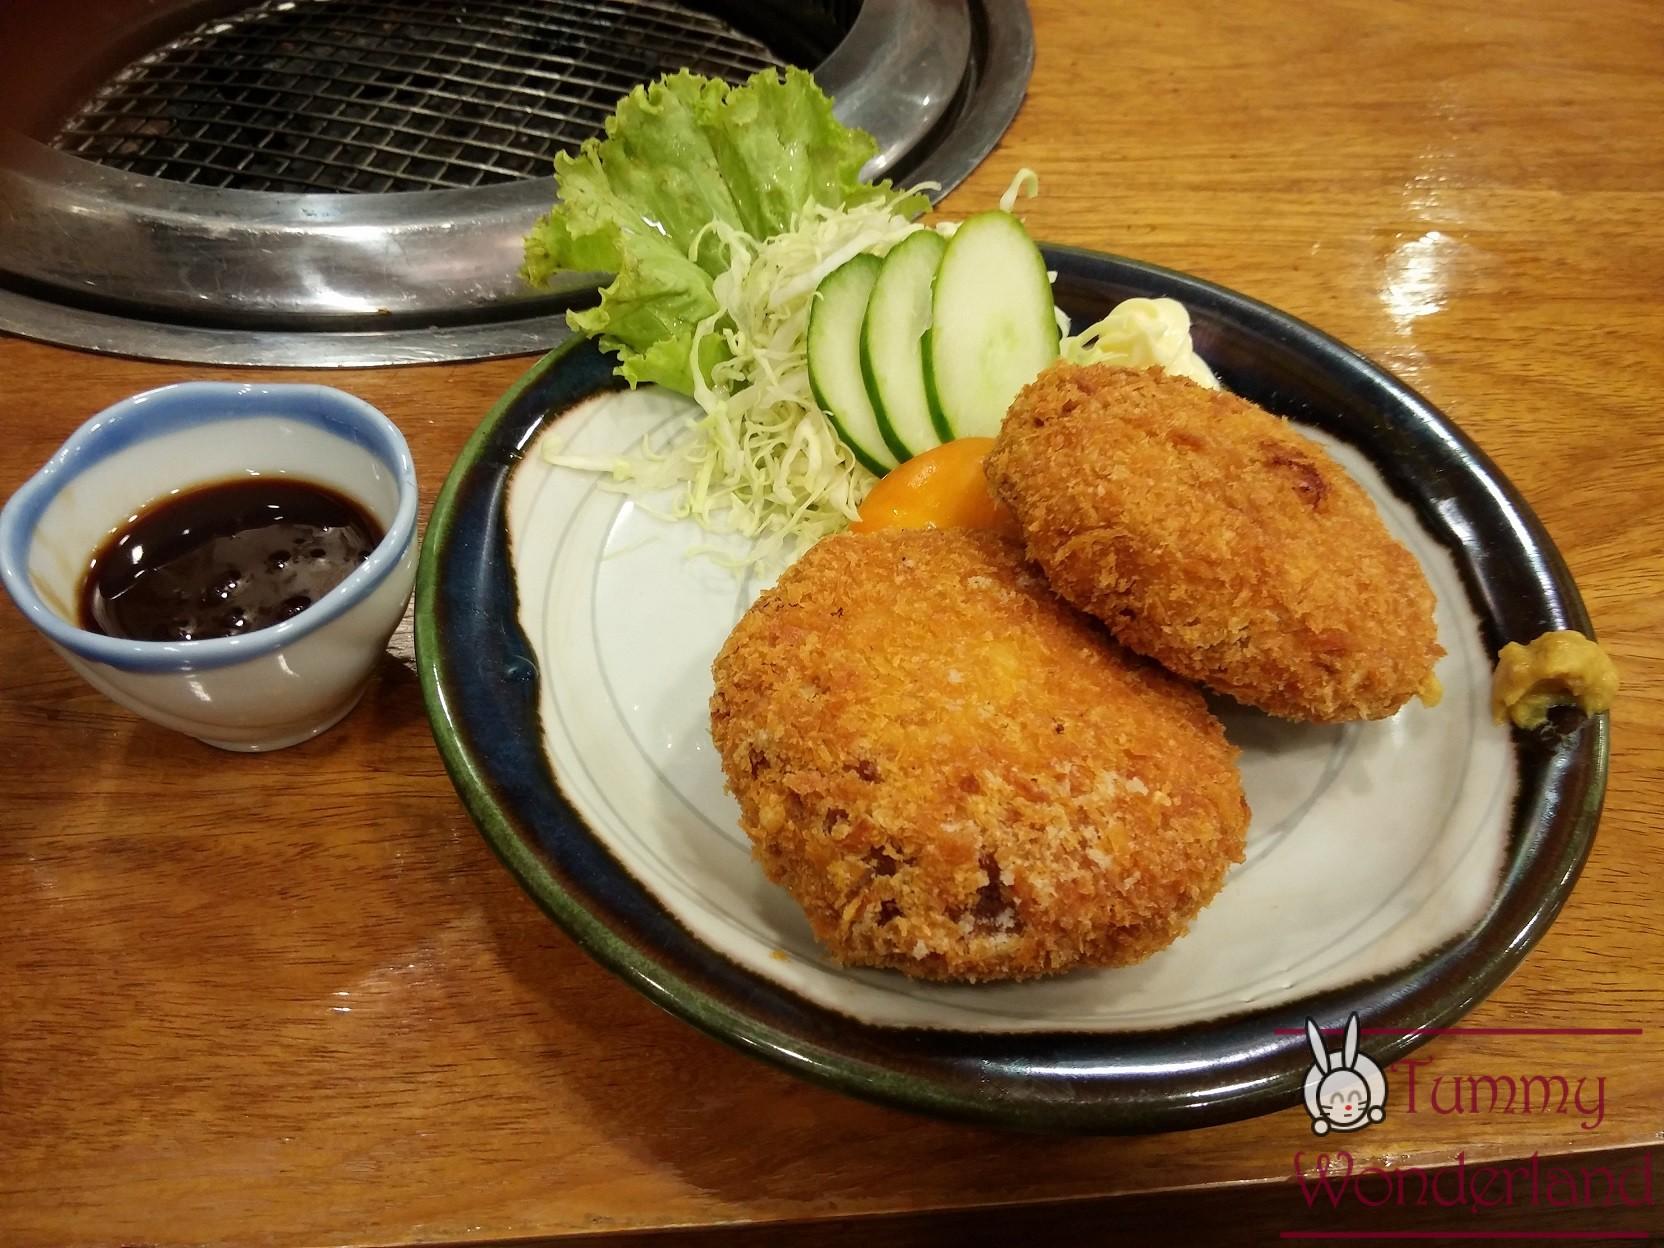 Nihonbashi Tei_croquet